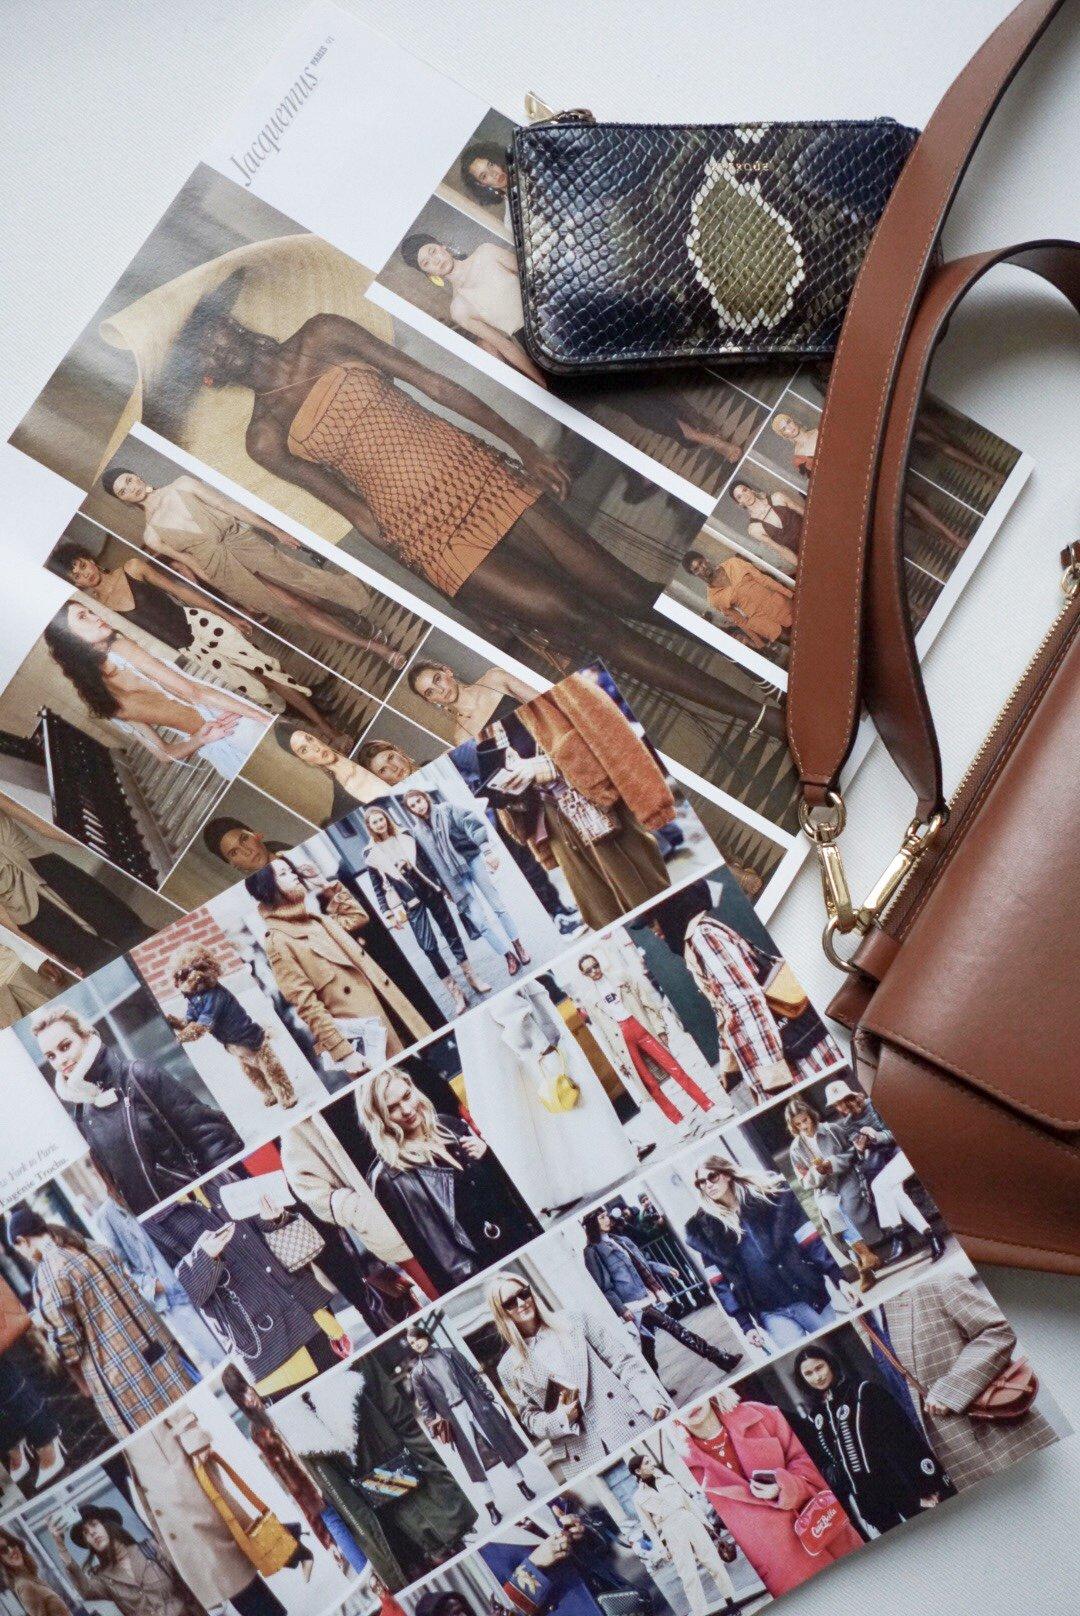 Herbsttrends 2019 - Modeblog ü40 - Blogger ü 40 - Fashion über 40, Nowshine Blog ü40